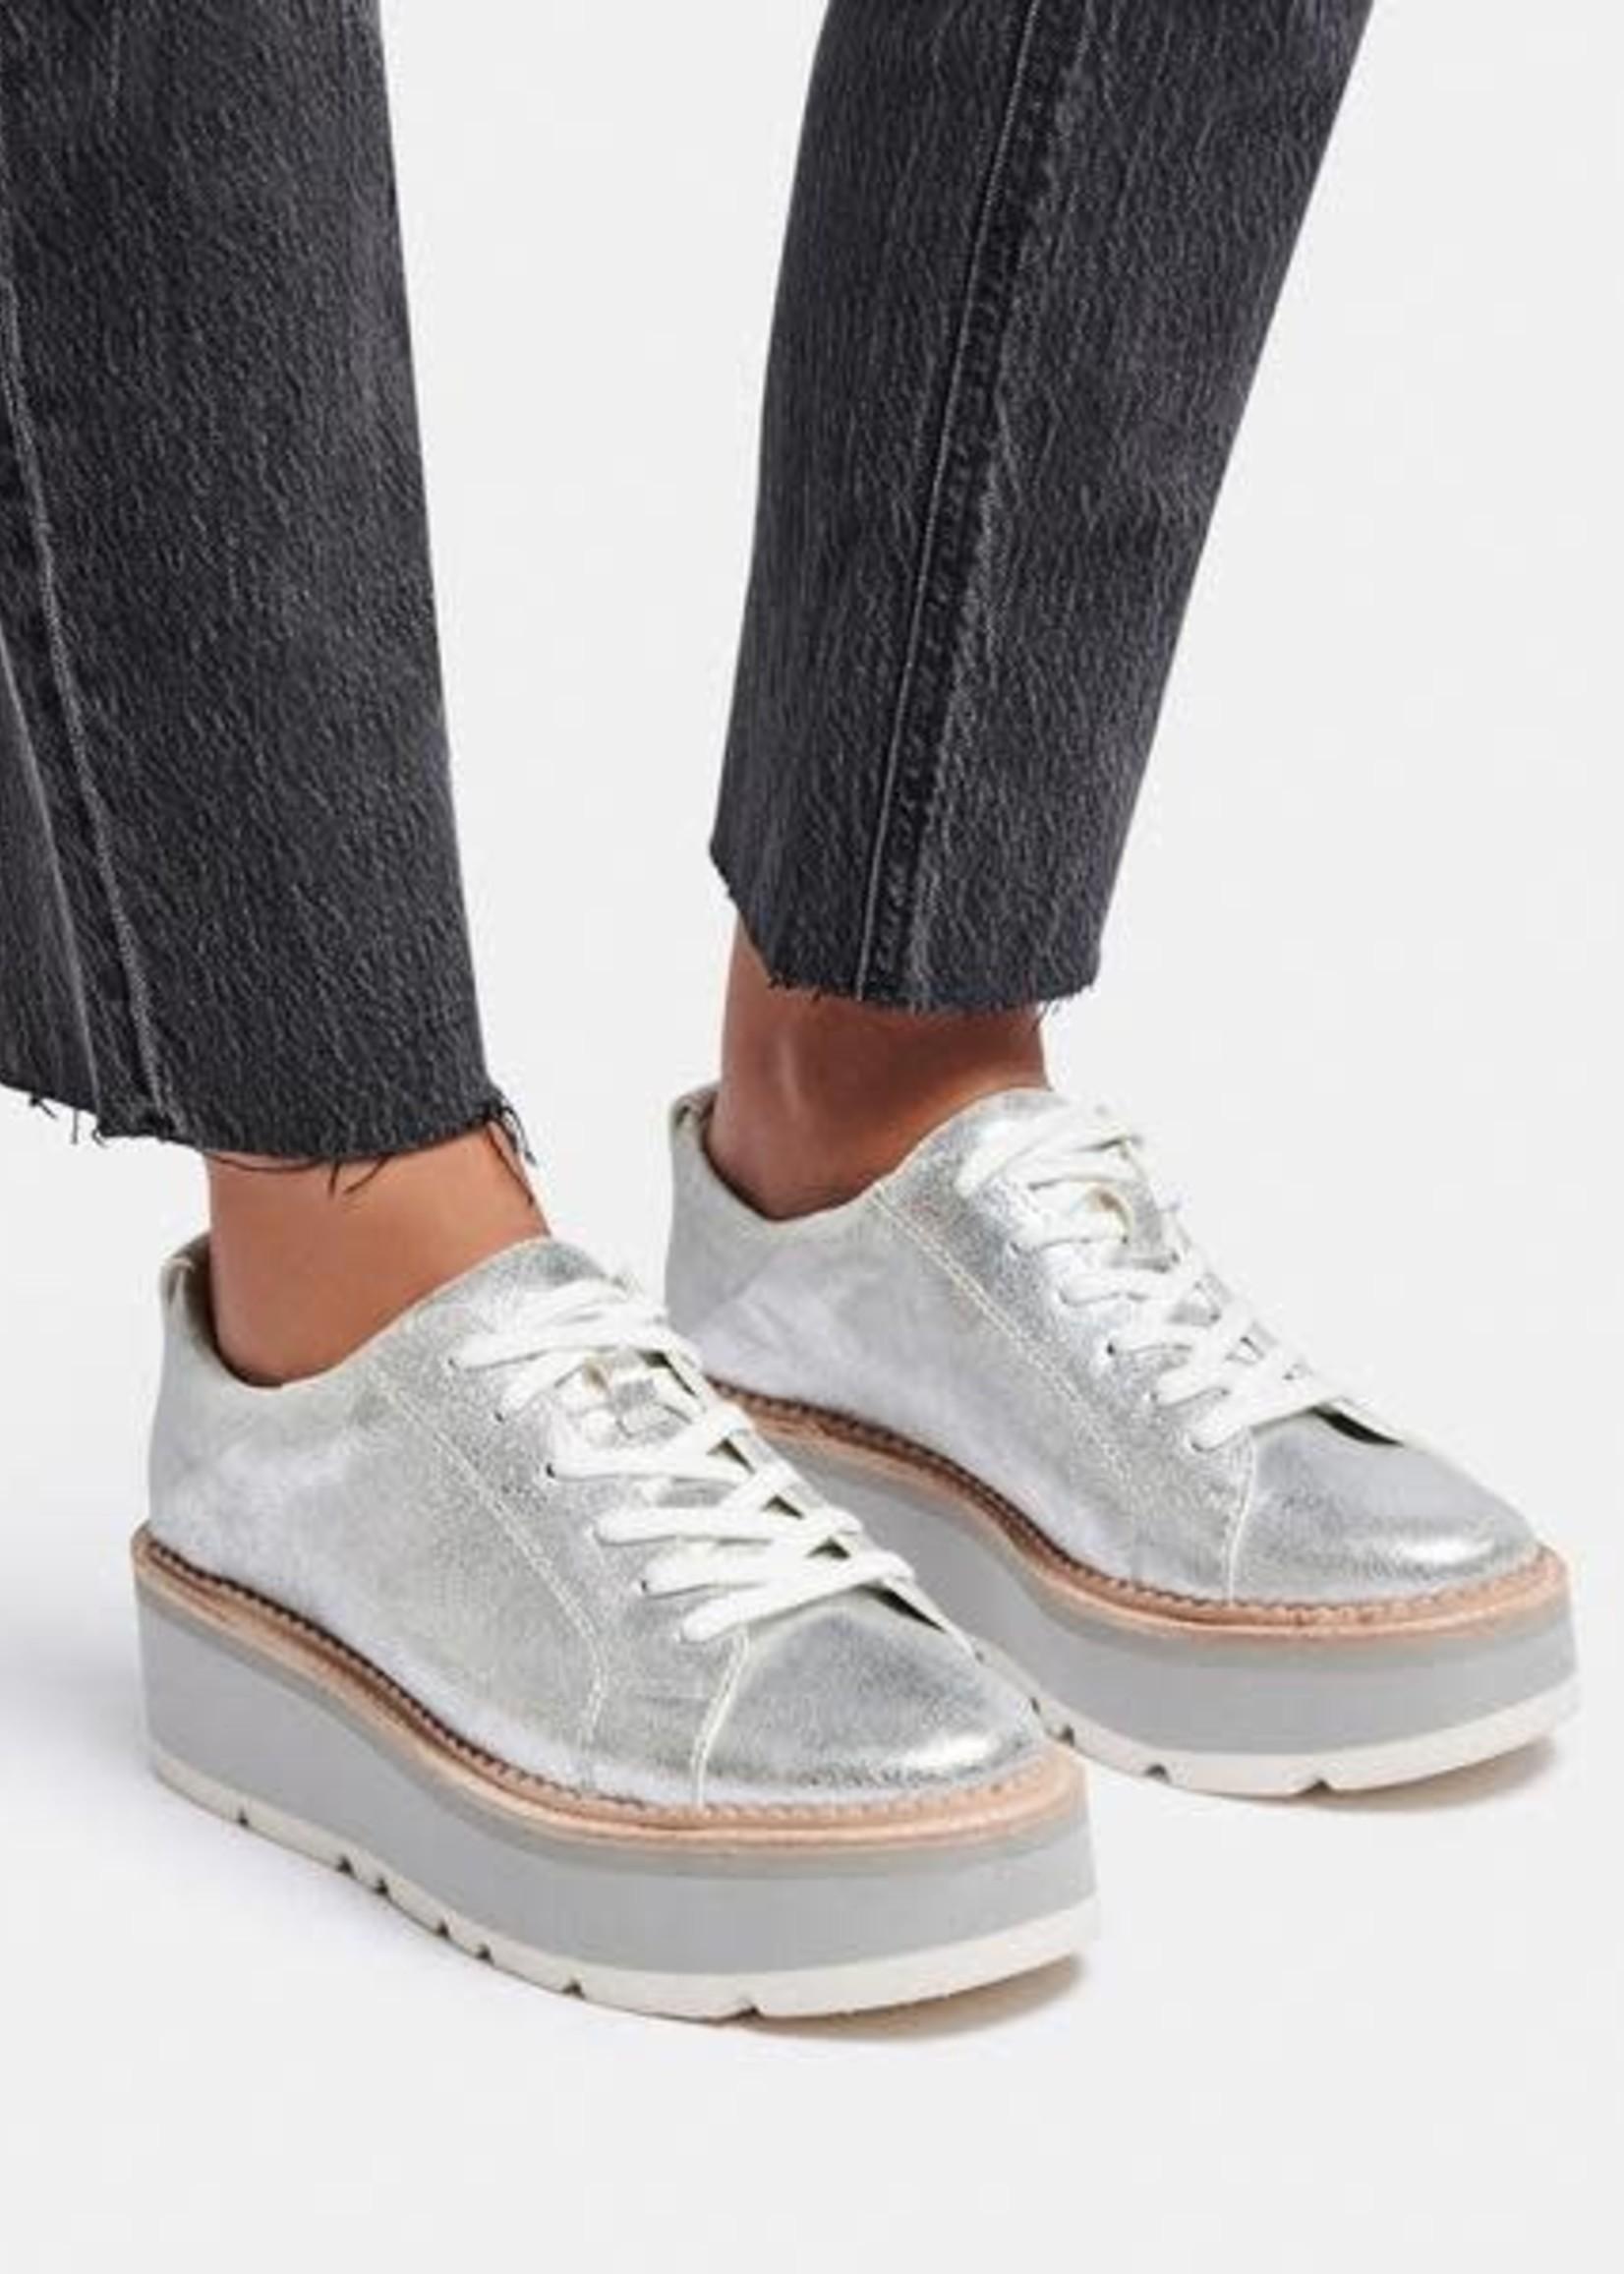 Dolce Vita Toyah Platform Sneaker